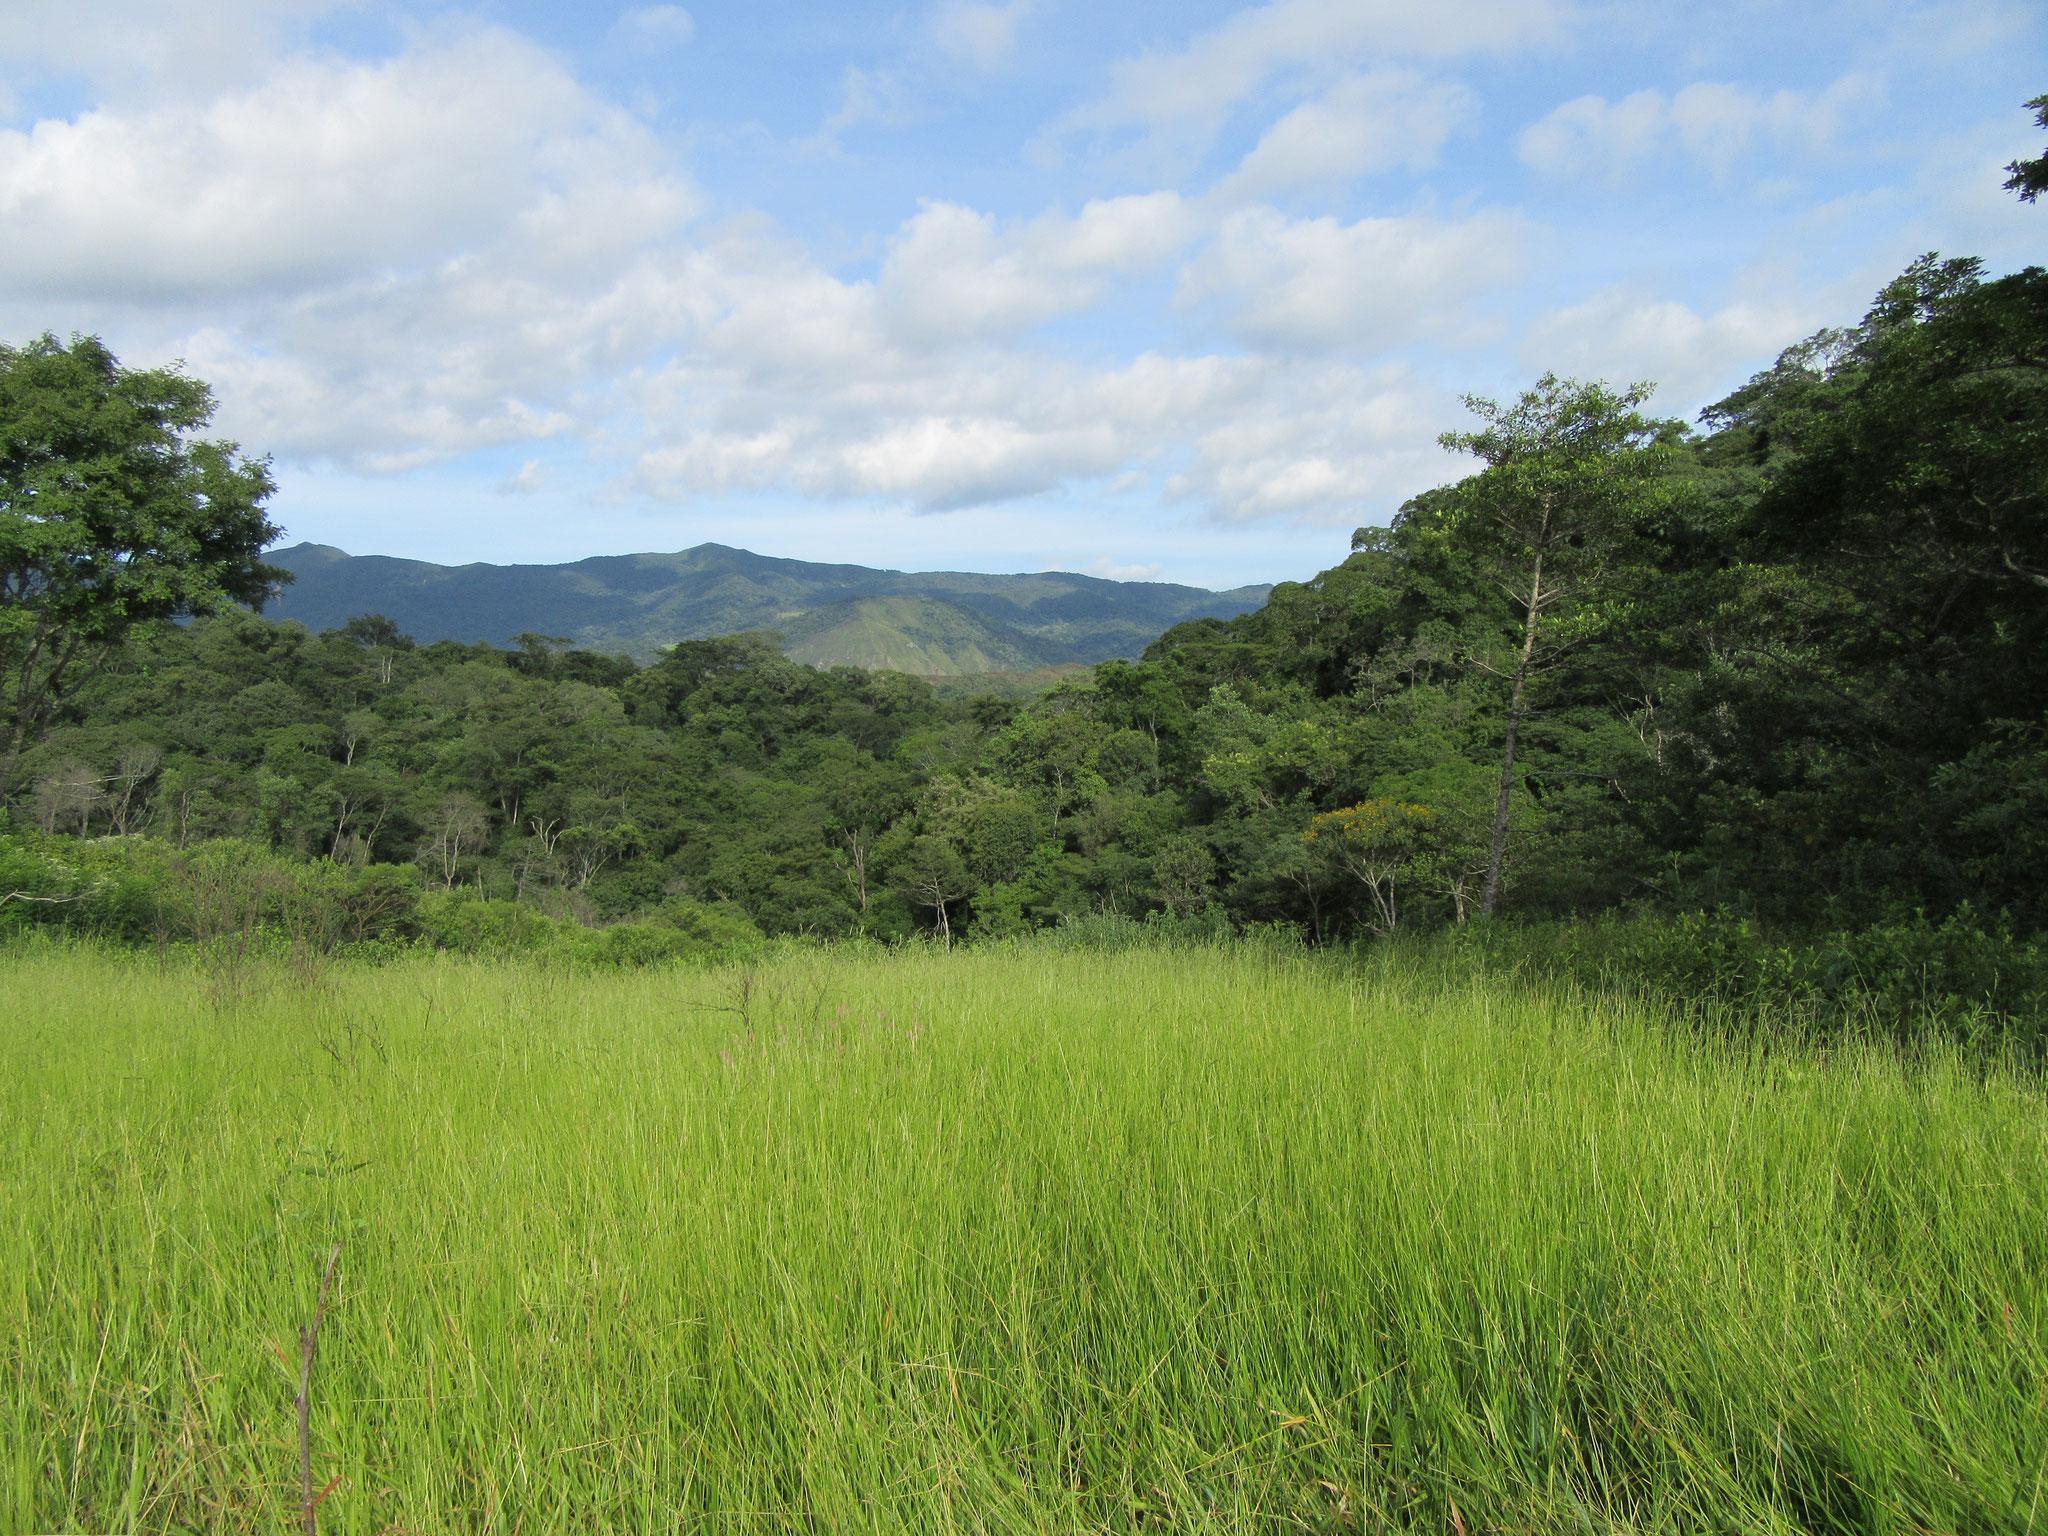 Der Boden ist sehr fruchtbar und das Grundwasser nur wenige Meter unter der Erde